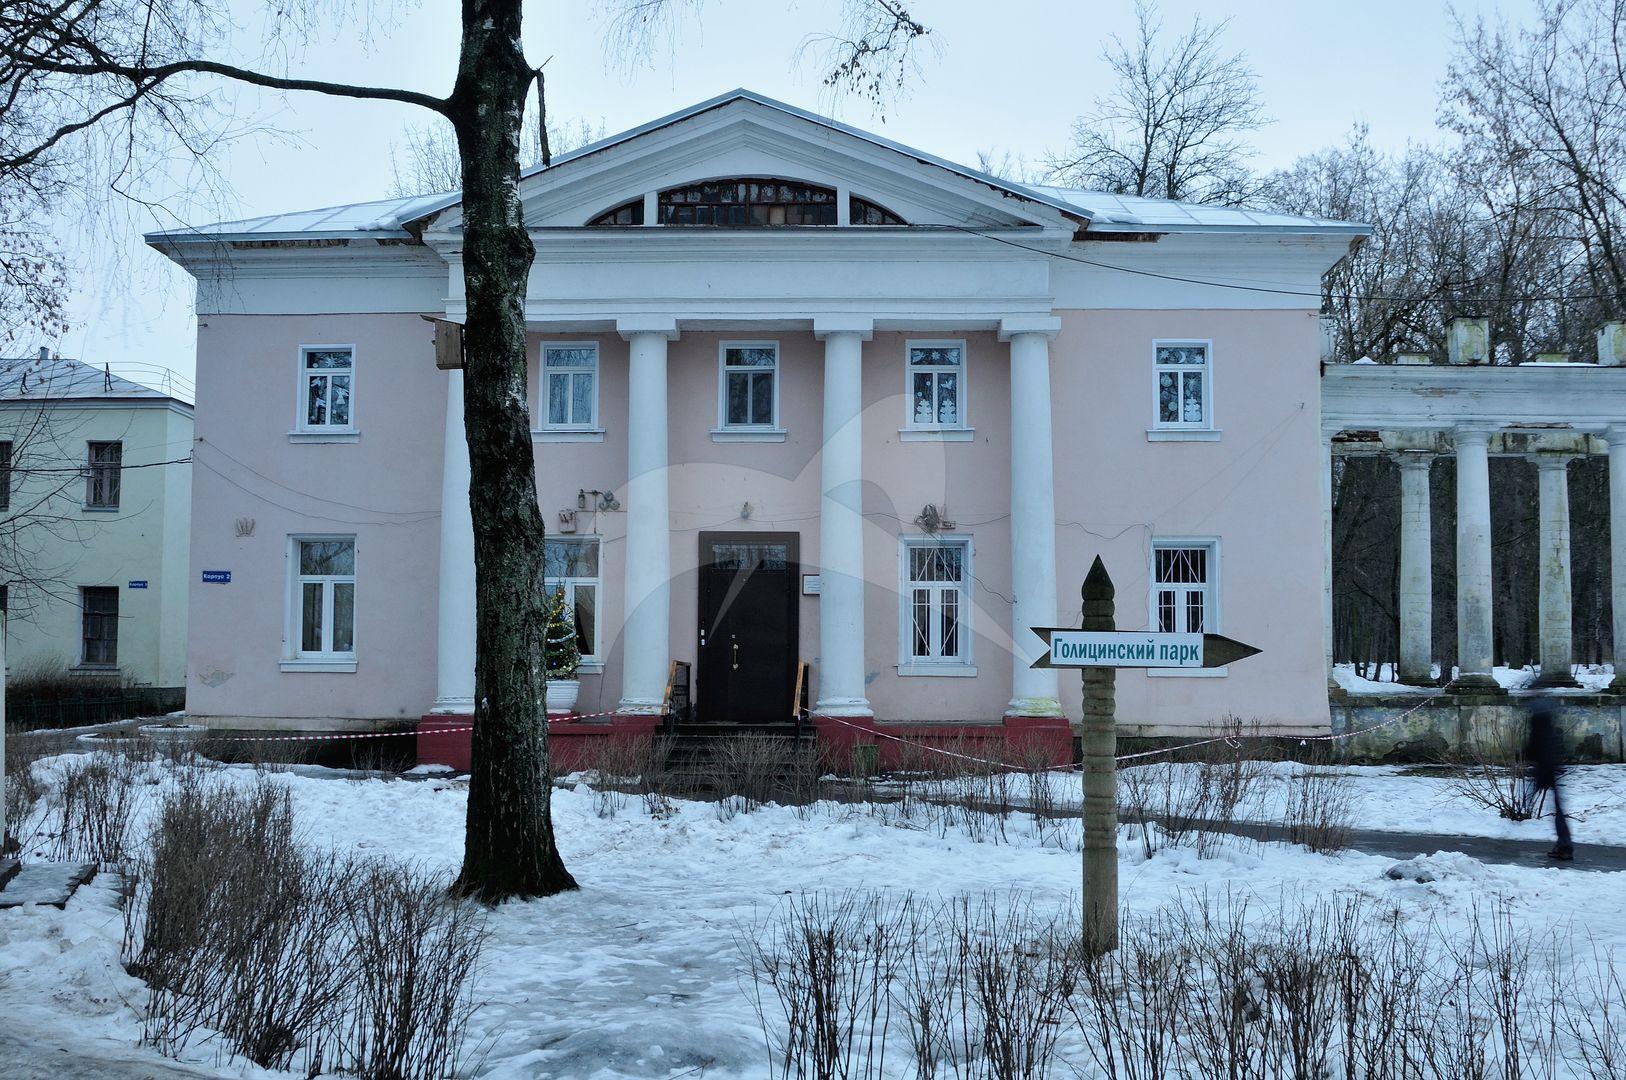 Восточный флигель, арх. Ф.П. Казие, усадьба Пехра-Яковлевская, 1770-1785 гг.